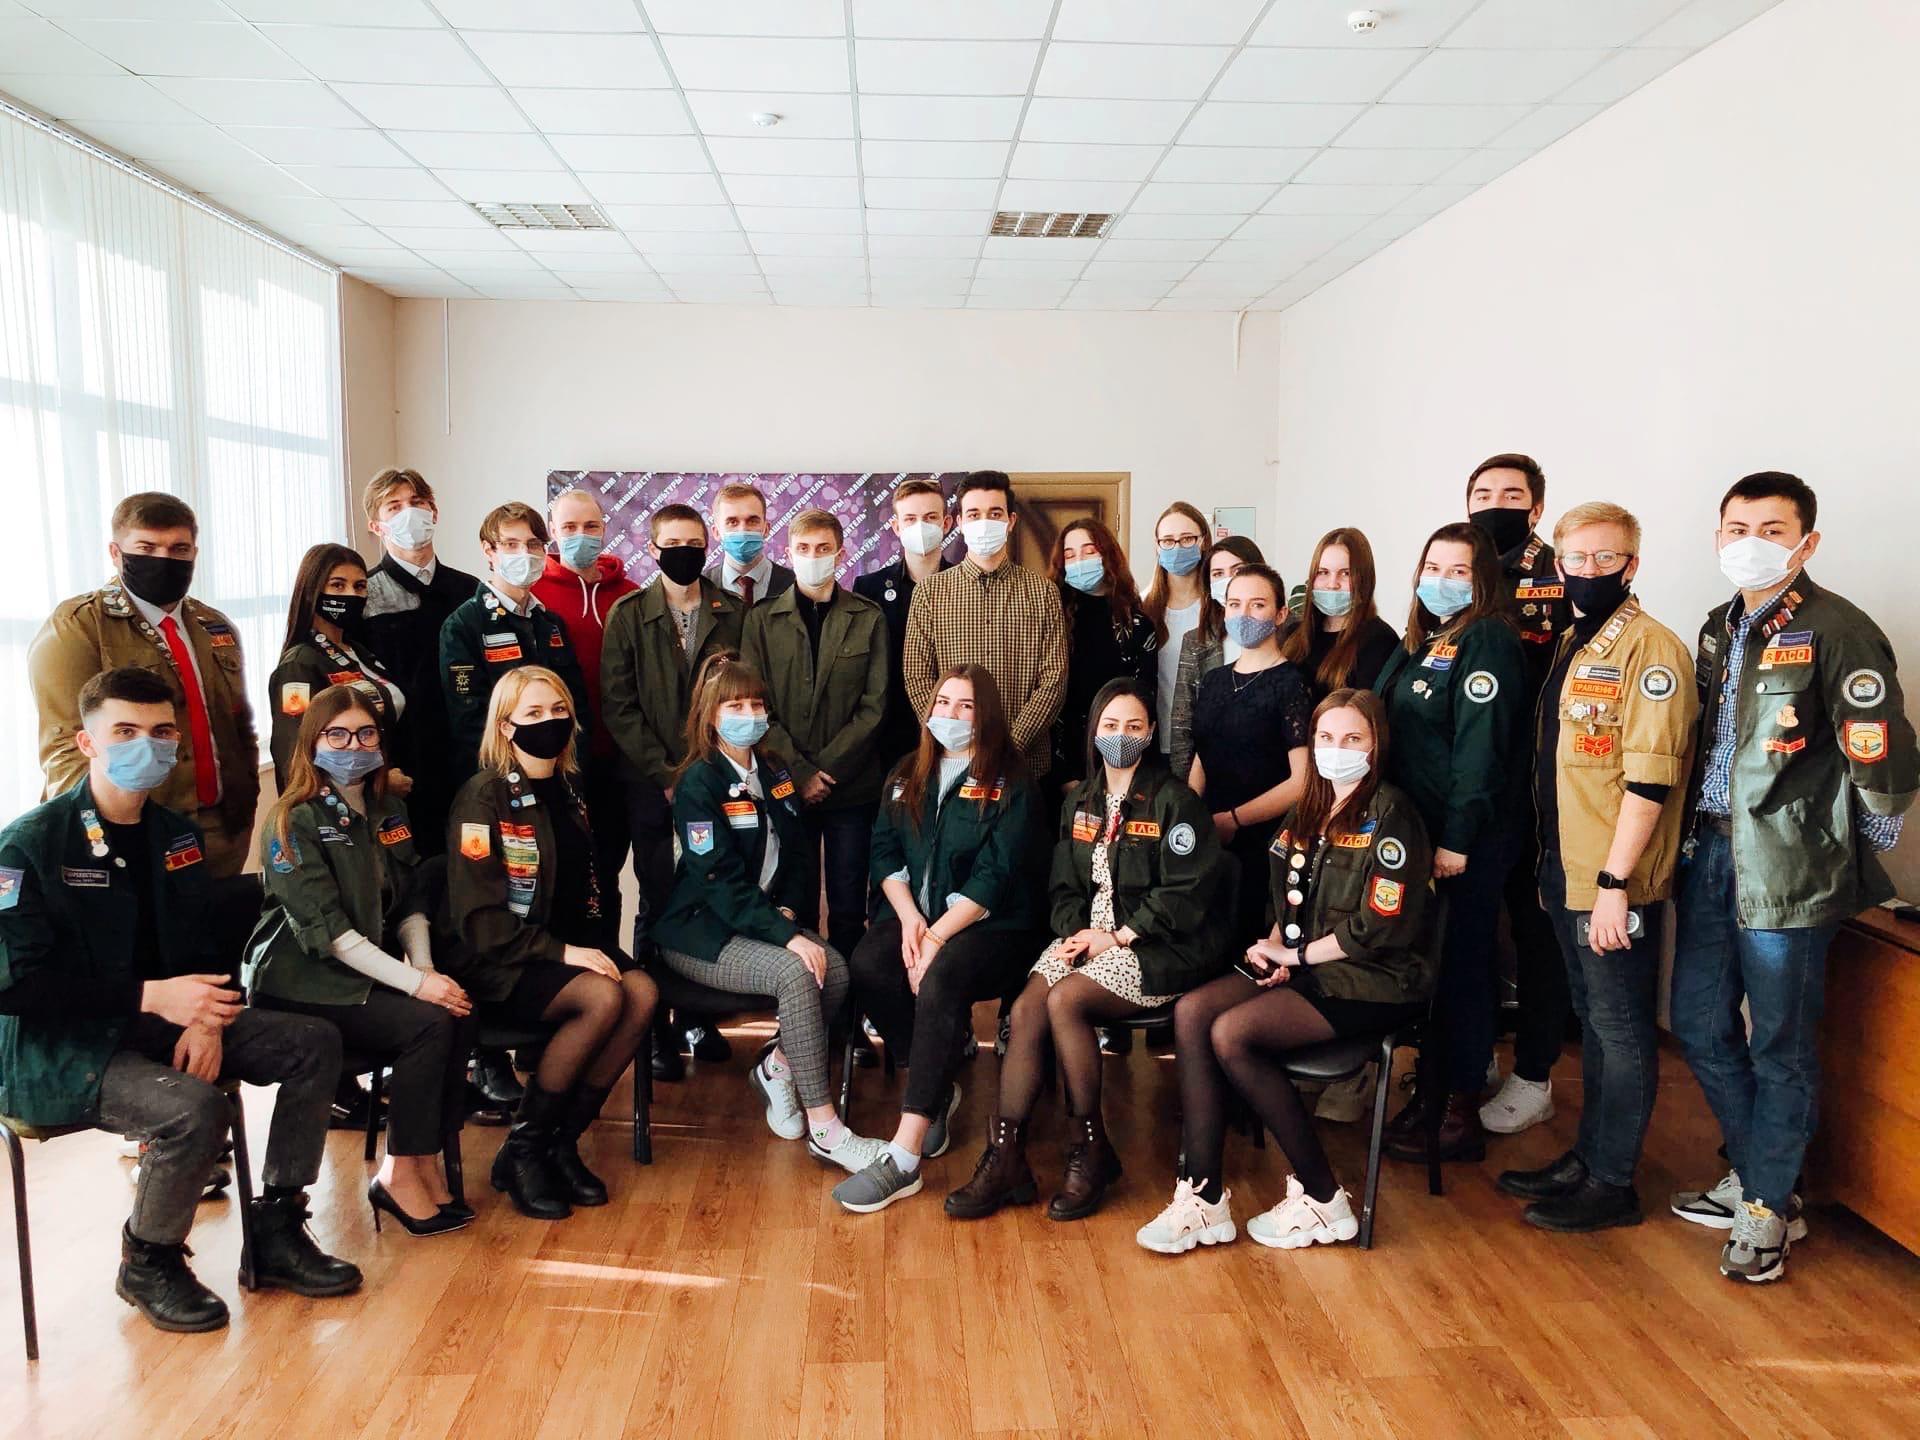 27 января состоялось ежегодная отчетная конференция местного штаба студенческих отрядов города Бузулука.